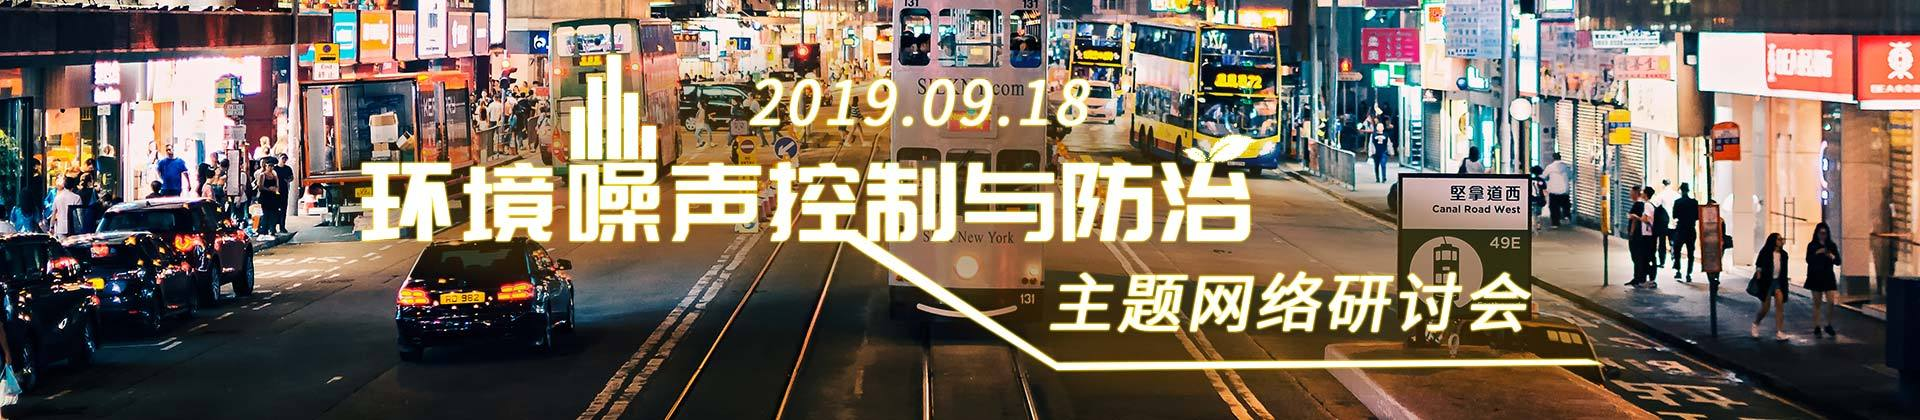 """2019-09-18 14:00 """"环境噪声控制与防治""""主题网络研讨会"""